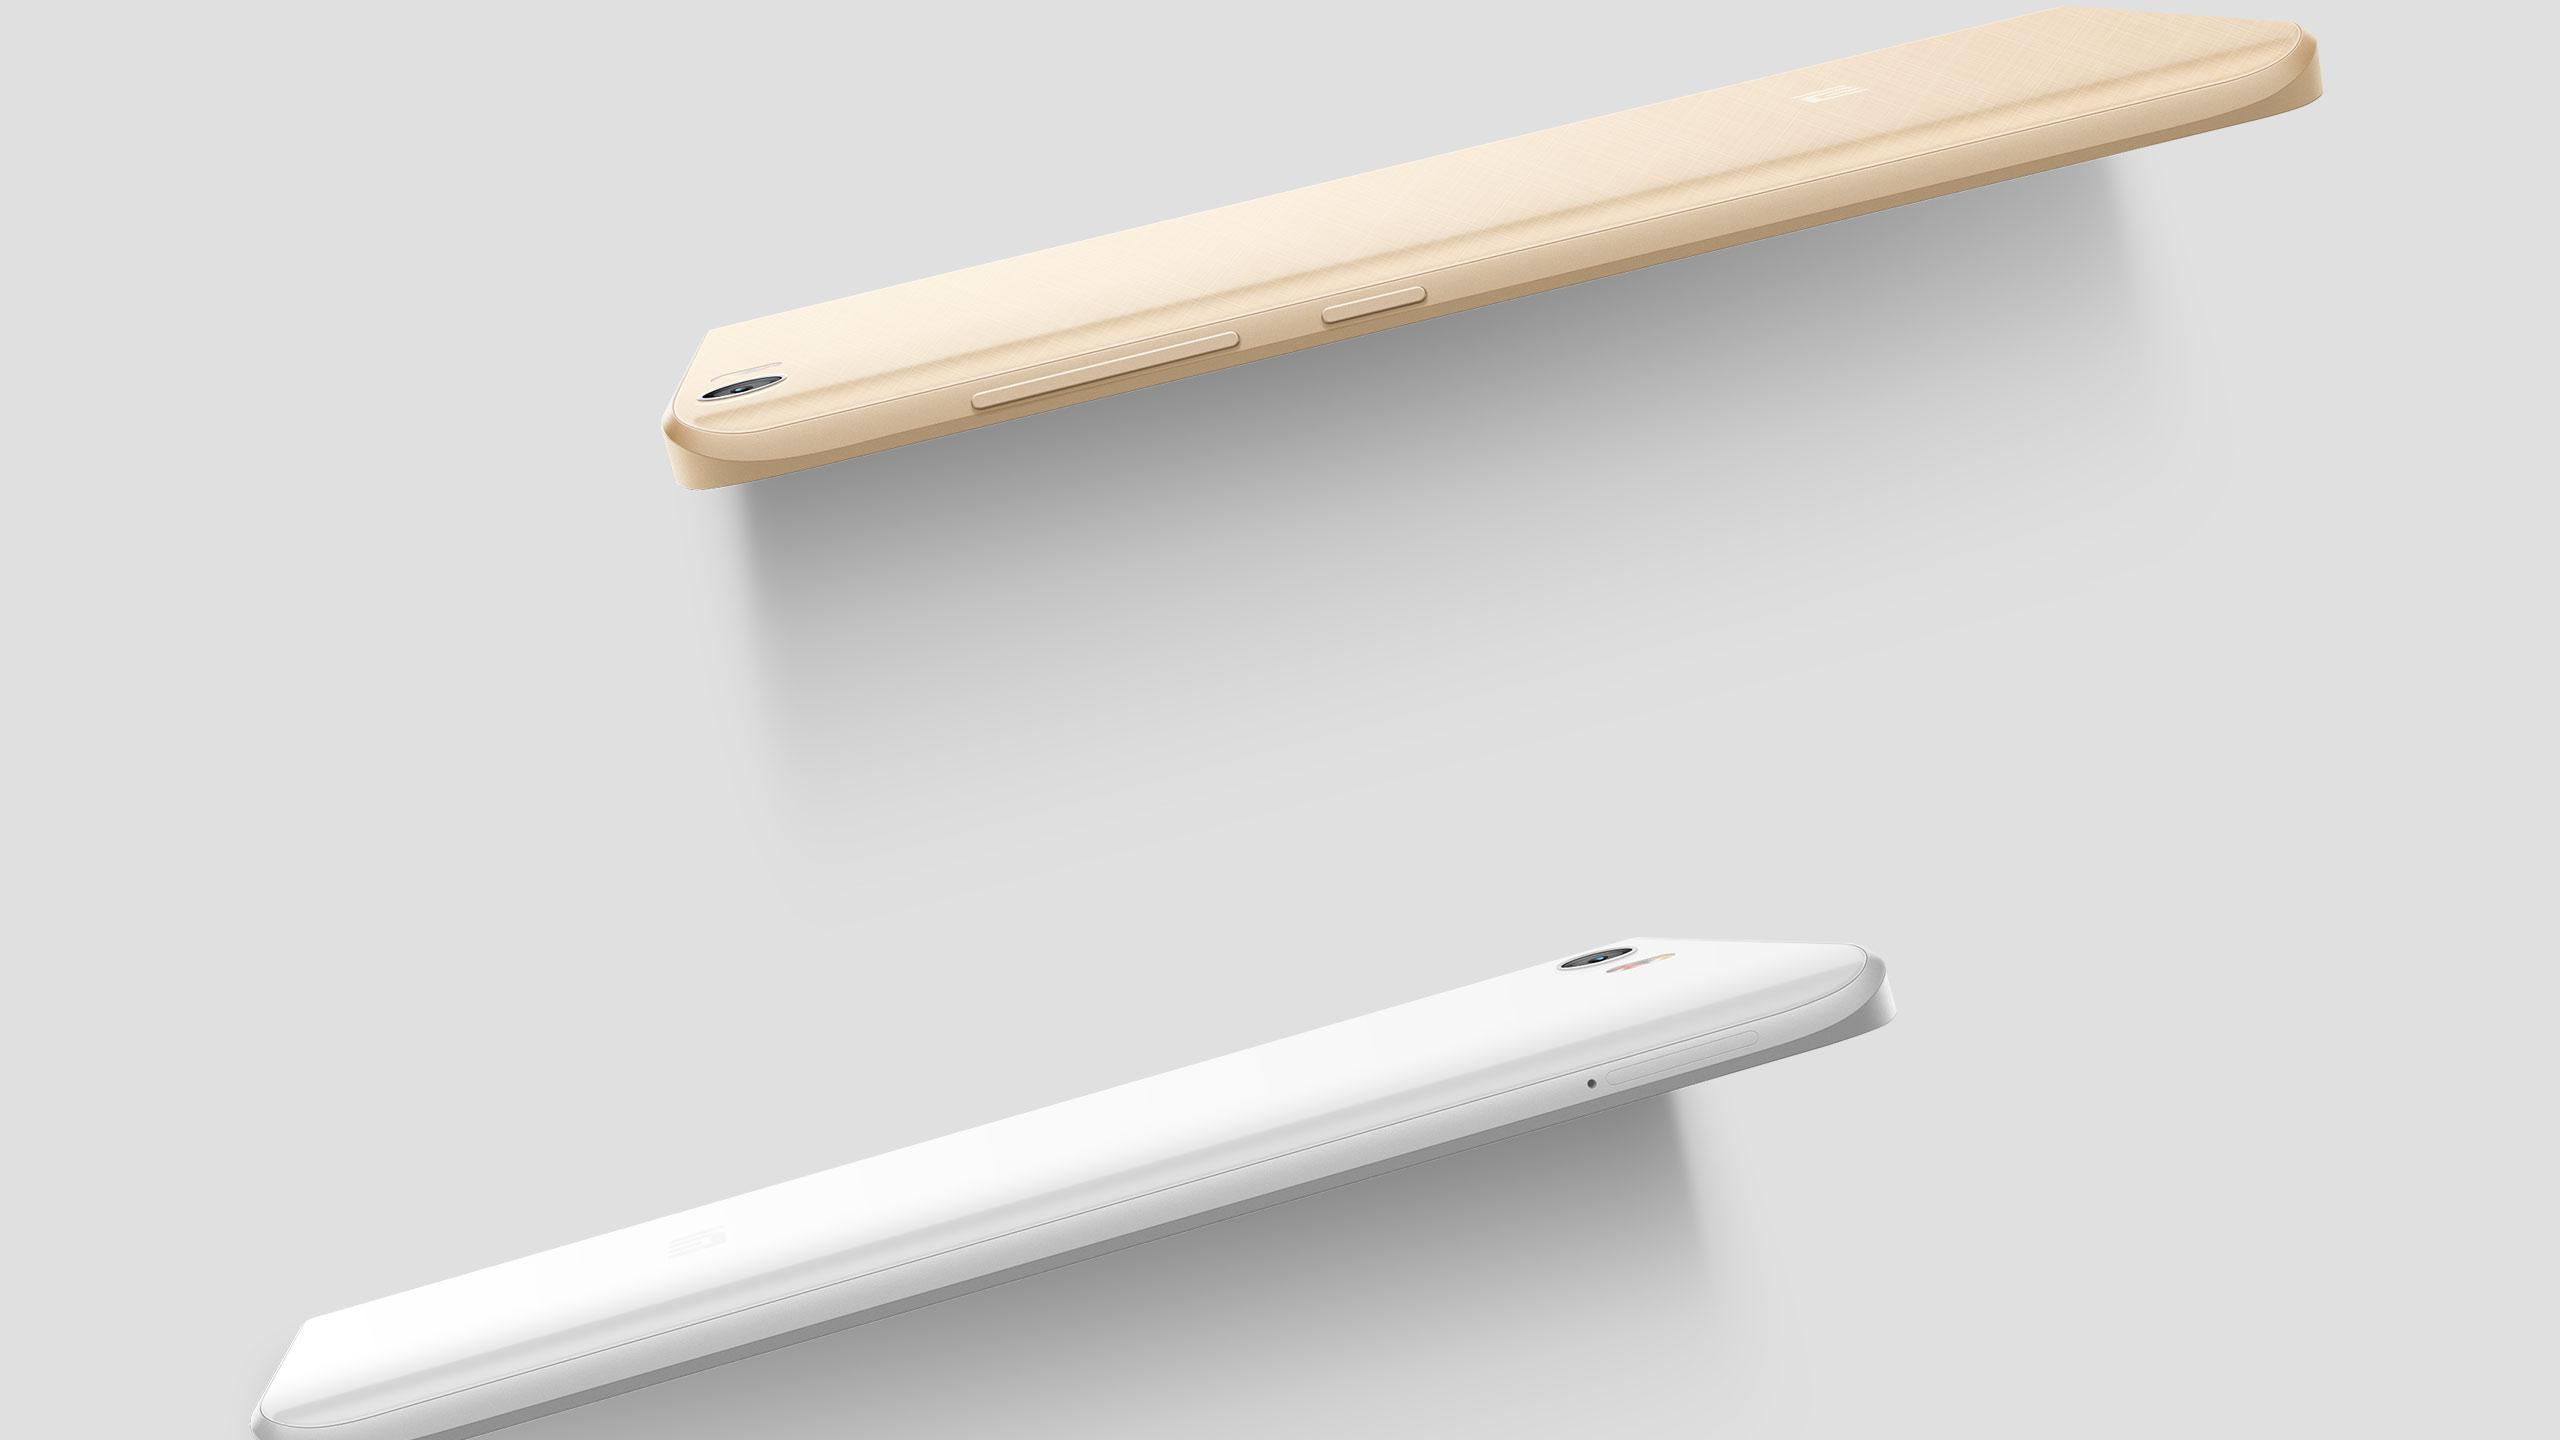 Xiaomi Mi5, Test, Testbericht, Antutu Benchmark, Angebot, bestellen, vorbestellen kaufen, root Anleitung, rooten